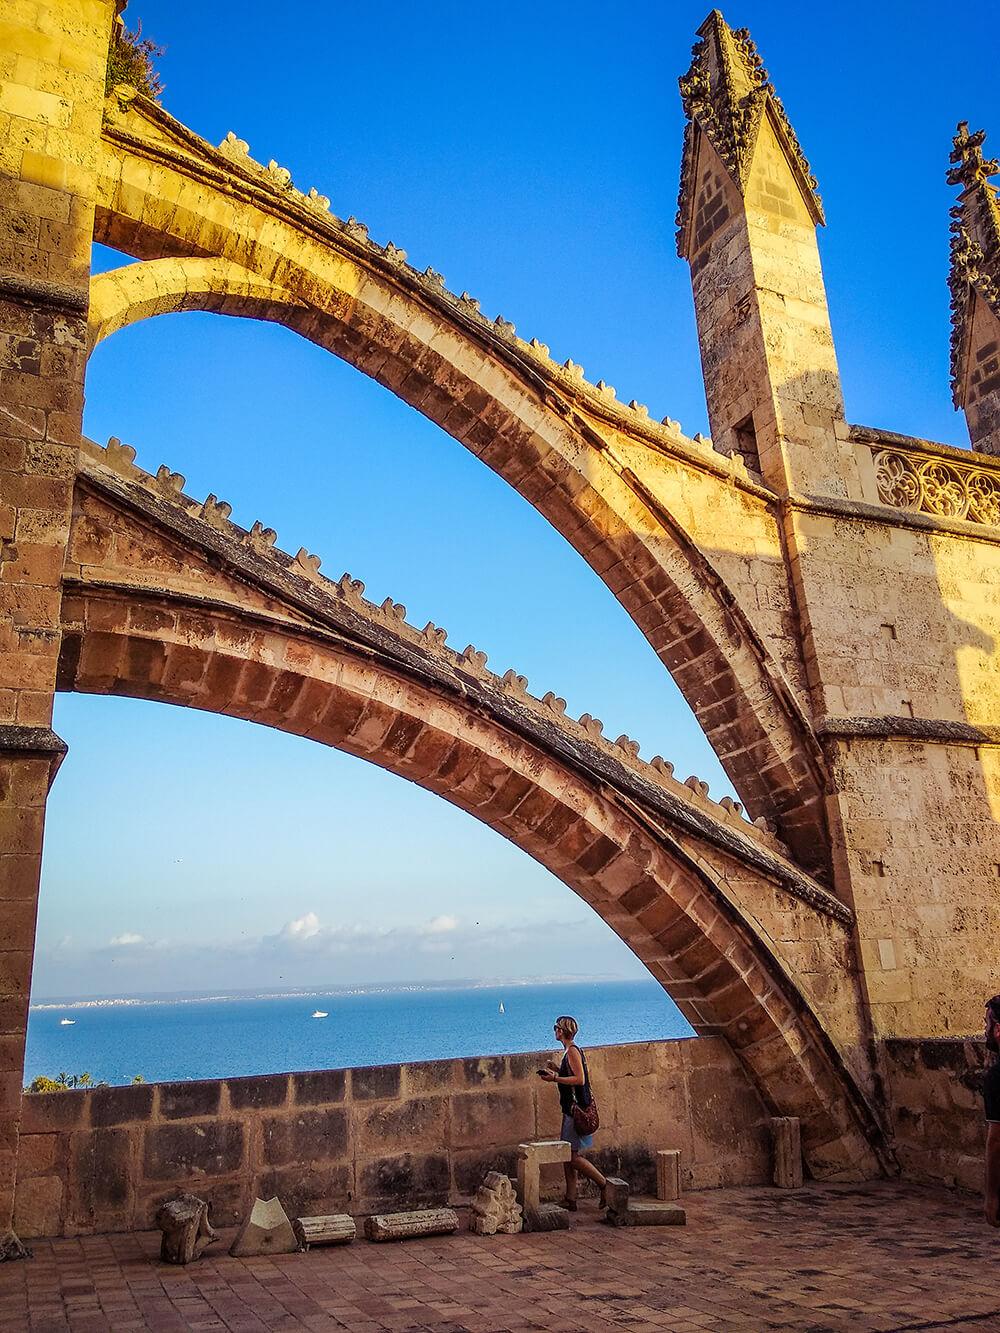 Palma-de-Mallorca-Kathedrale-La-Seu-Dach-9